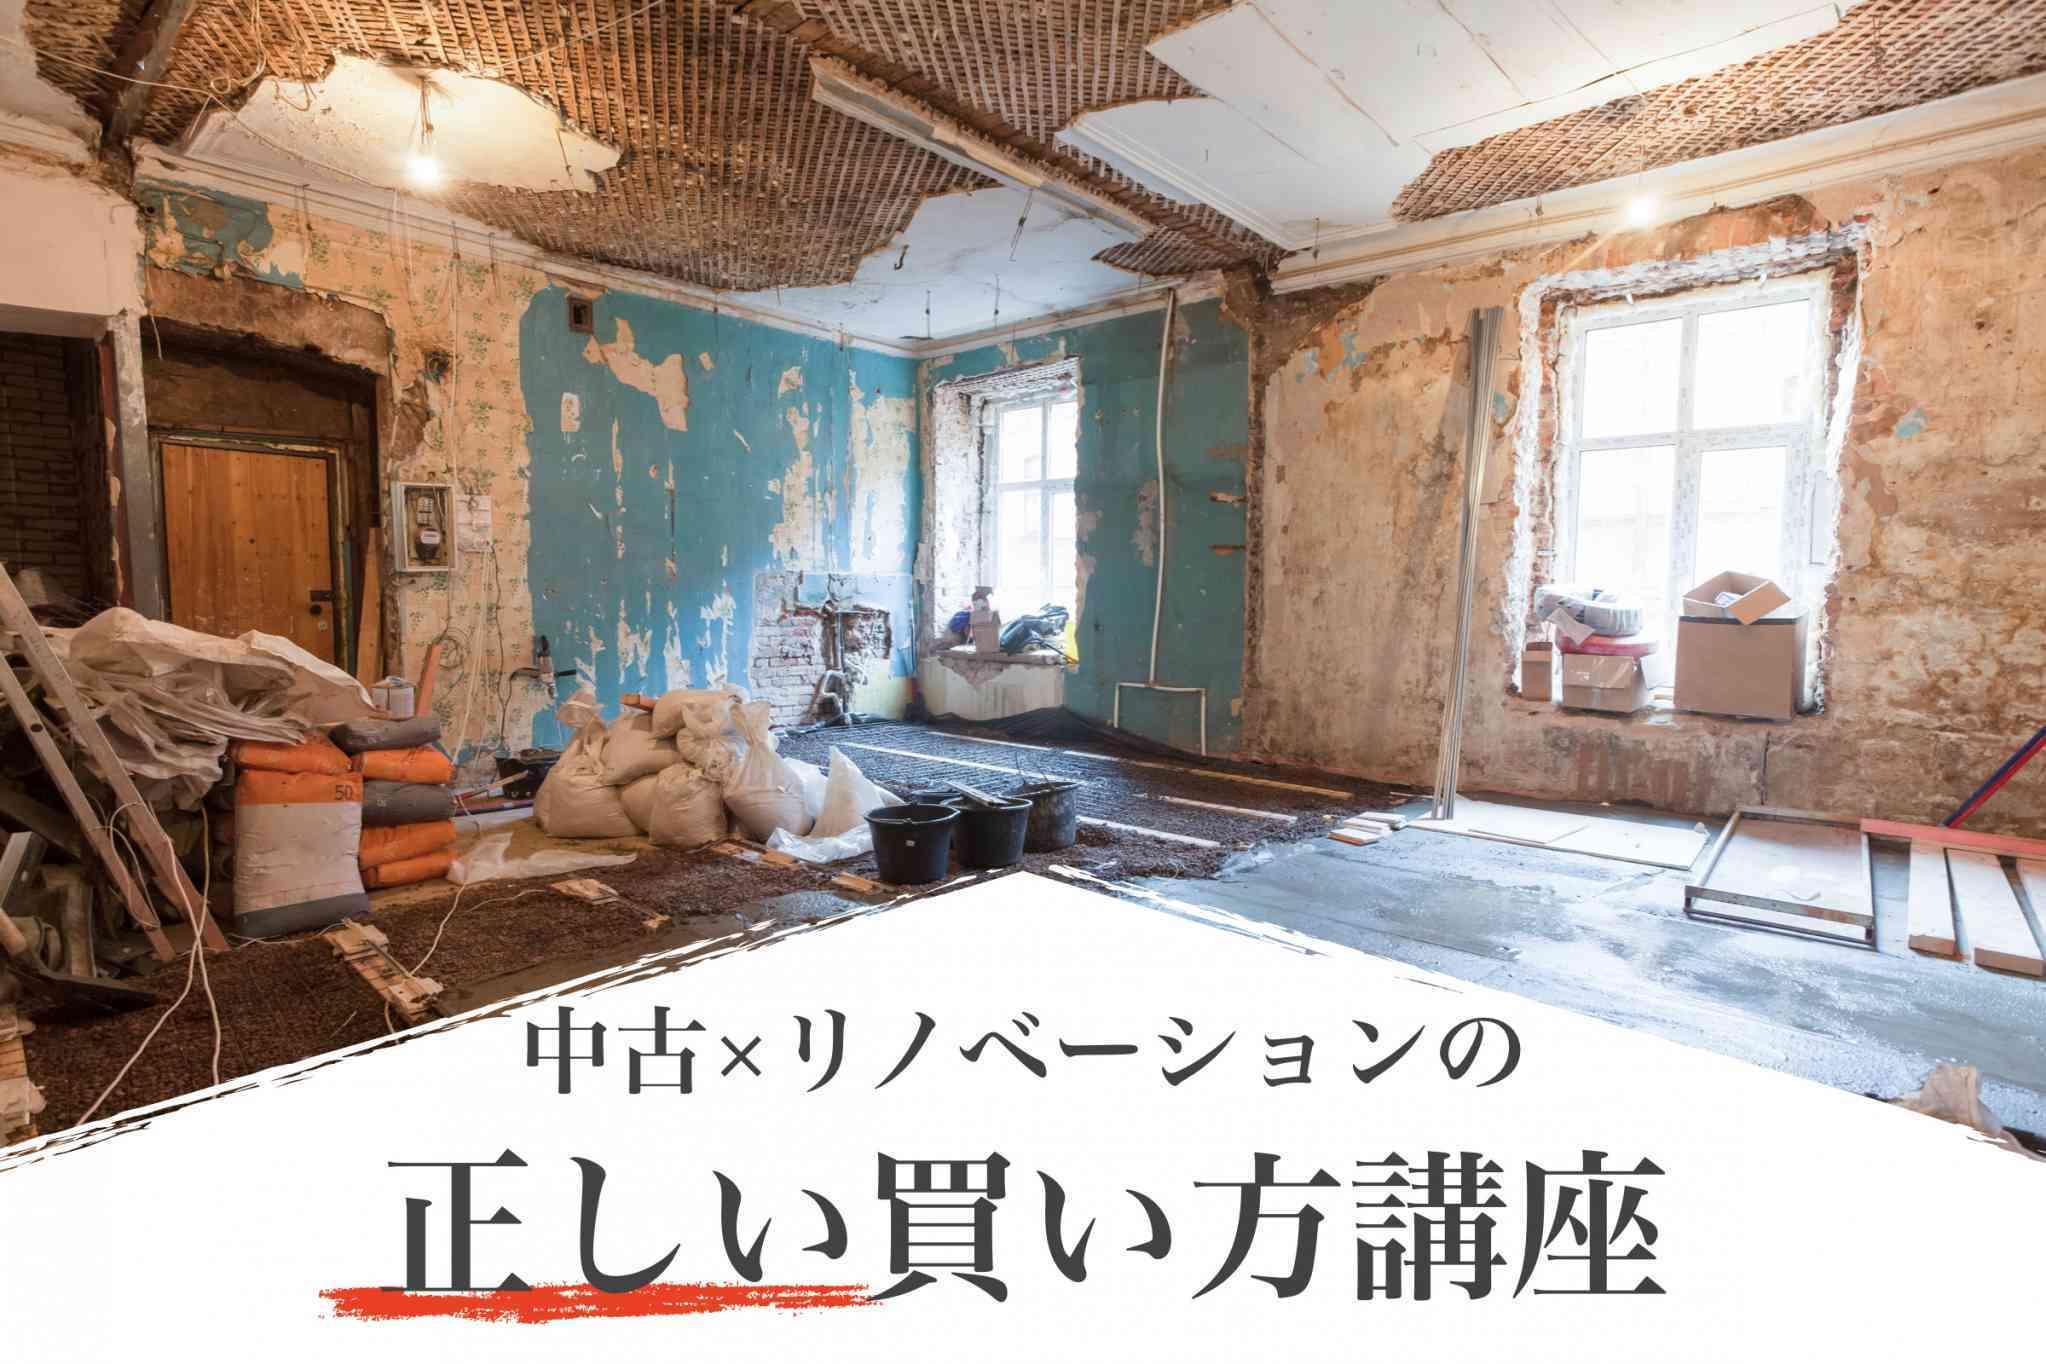 【中古・リノベーションの正しい買い方講座】(オンライン対応)